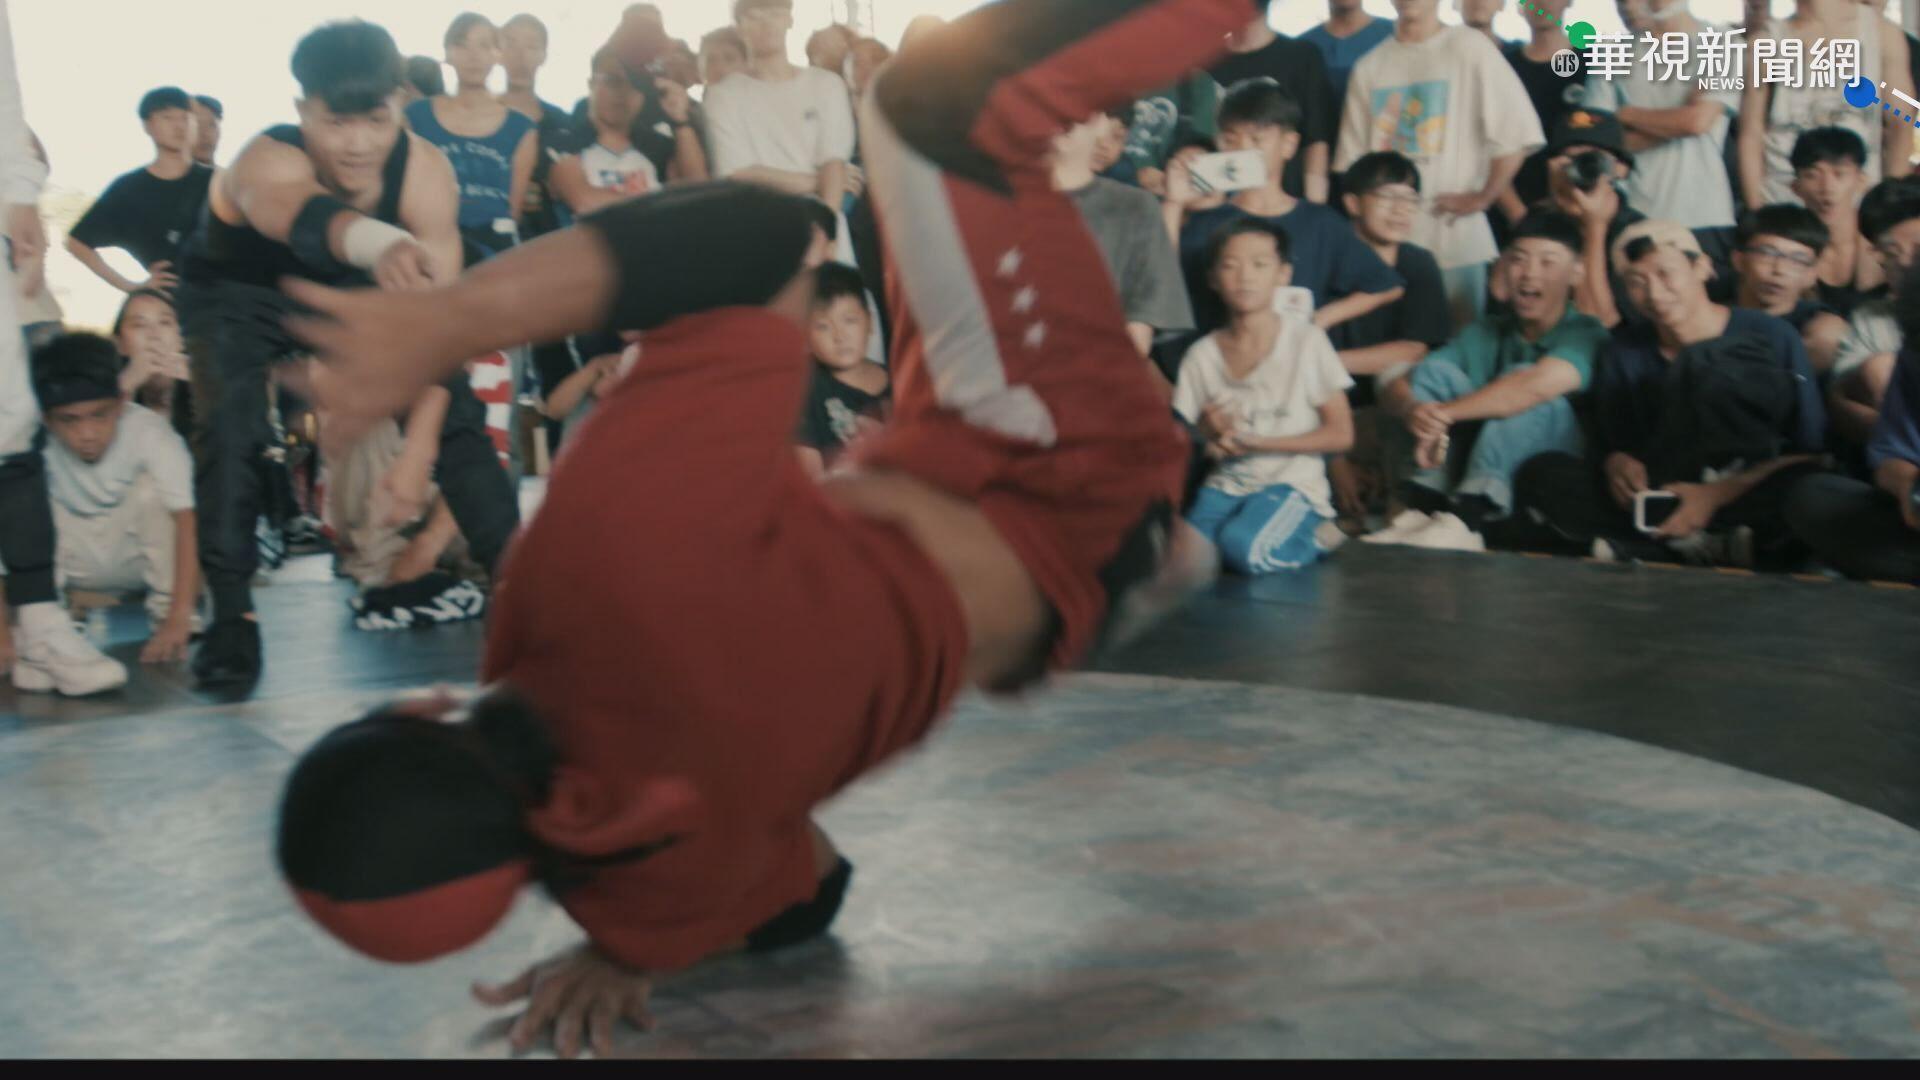 申請紓困受阻 街舞老師:各單位踢皮球